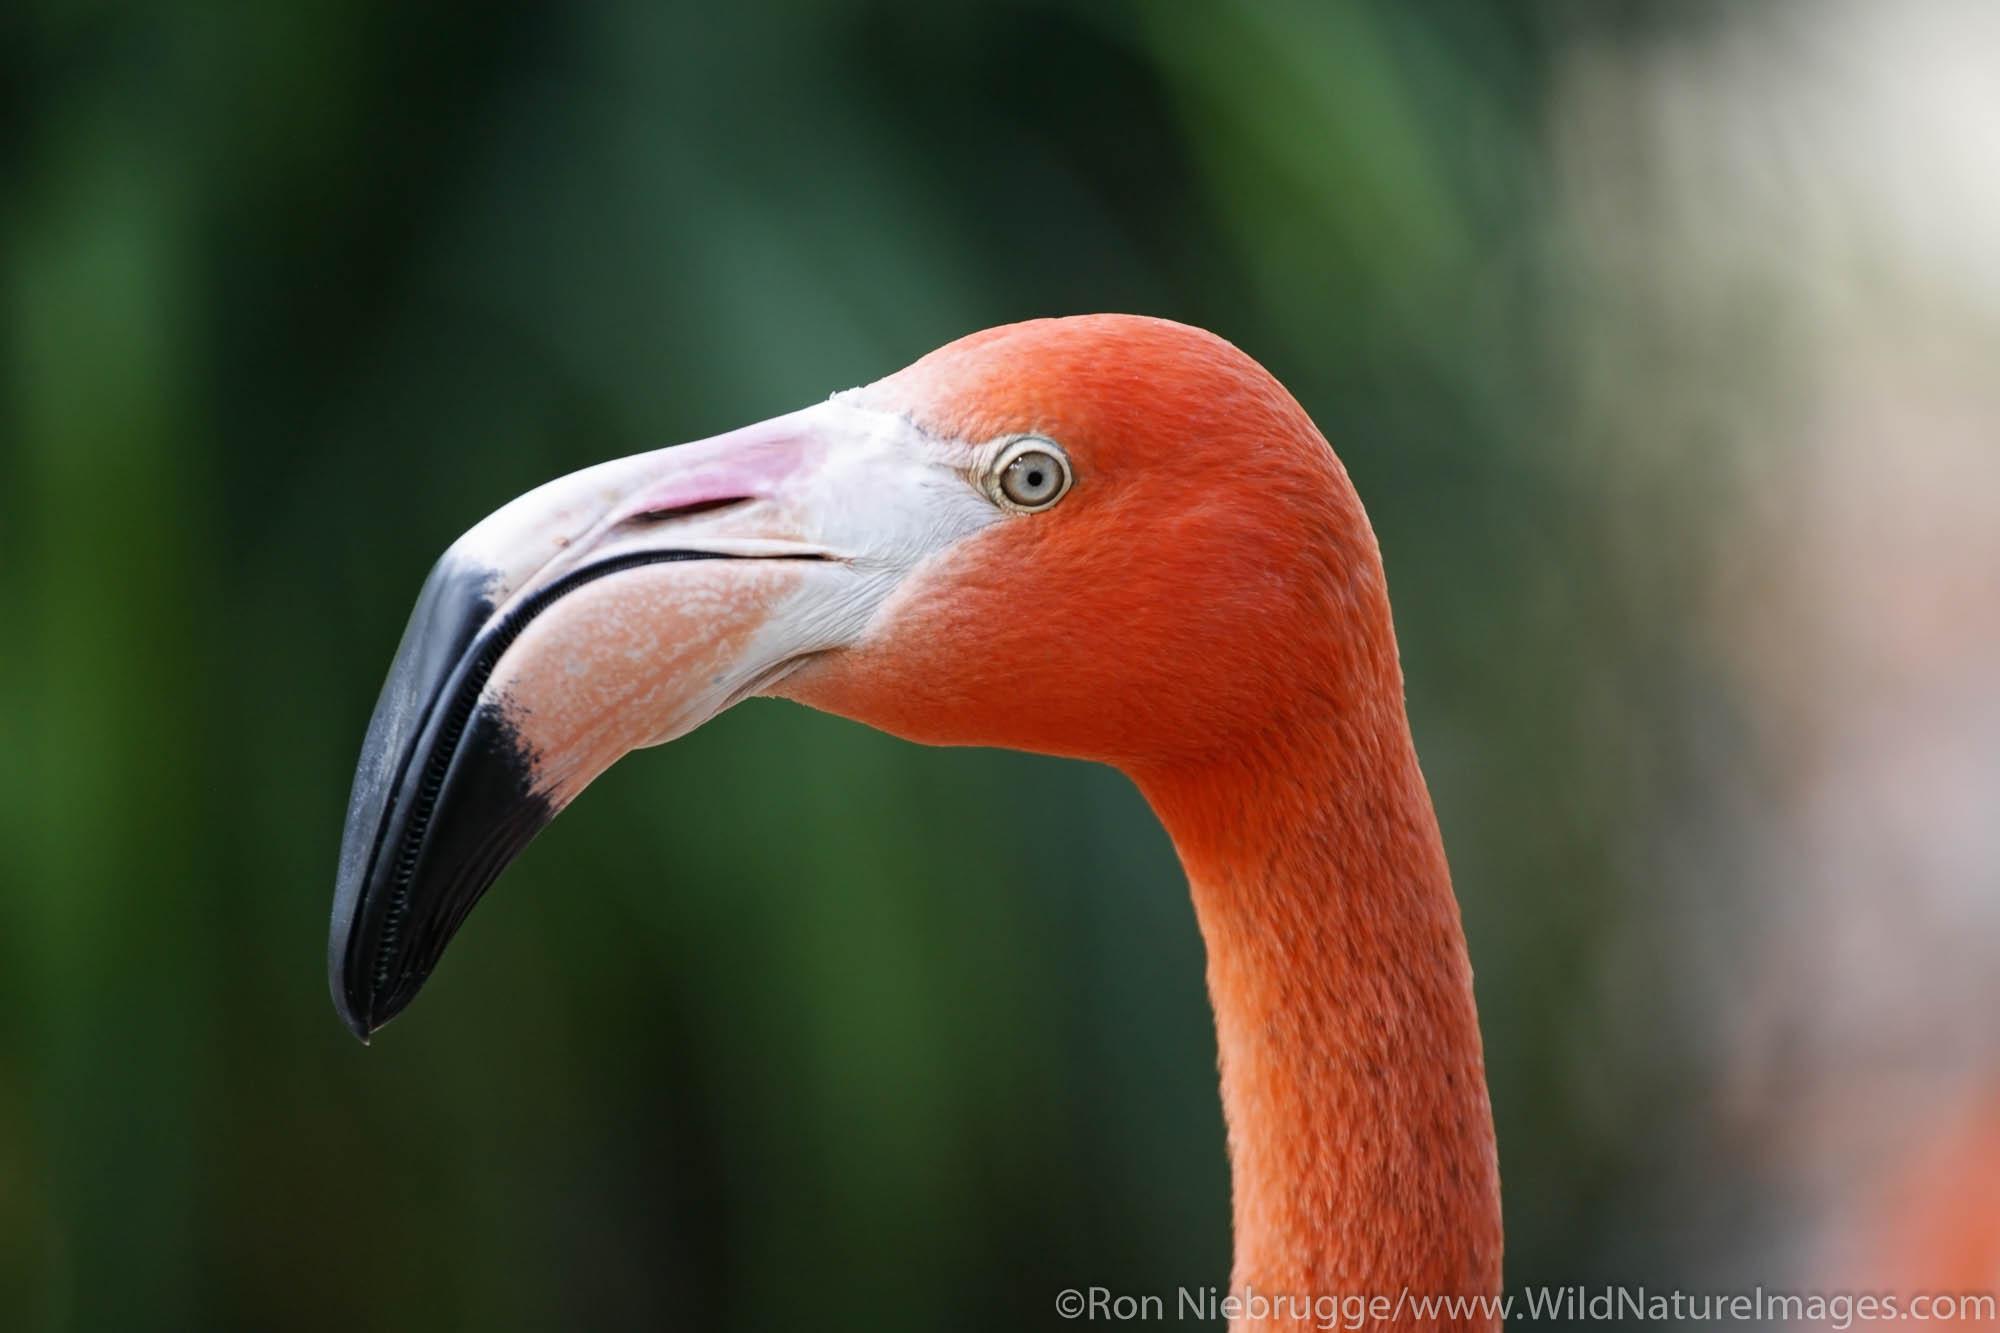 Flamingos at the San Diego Zoo in Balboa Park, San Diego, California.